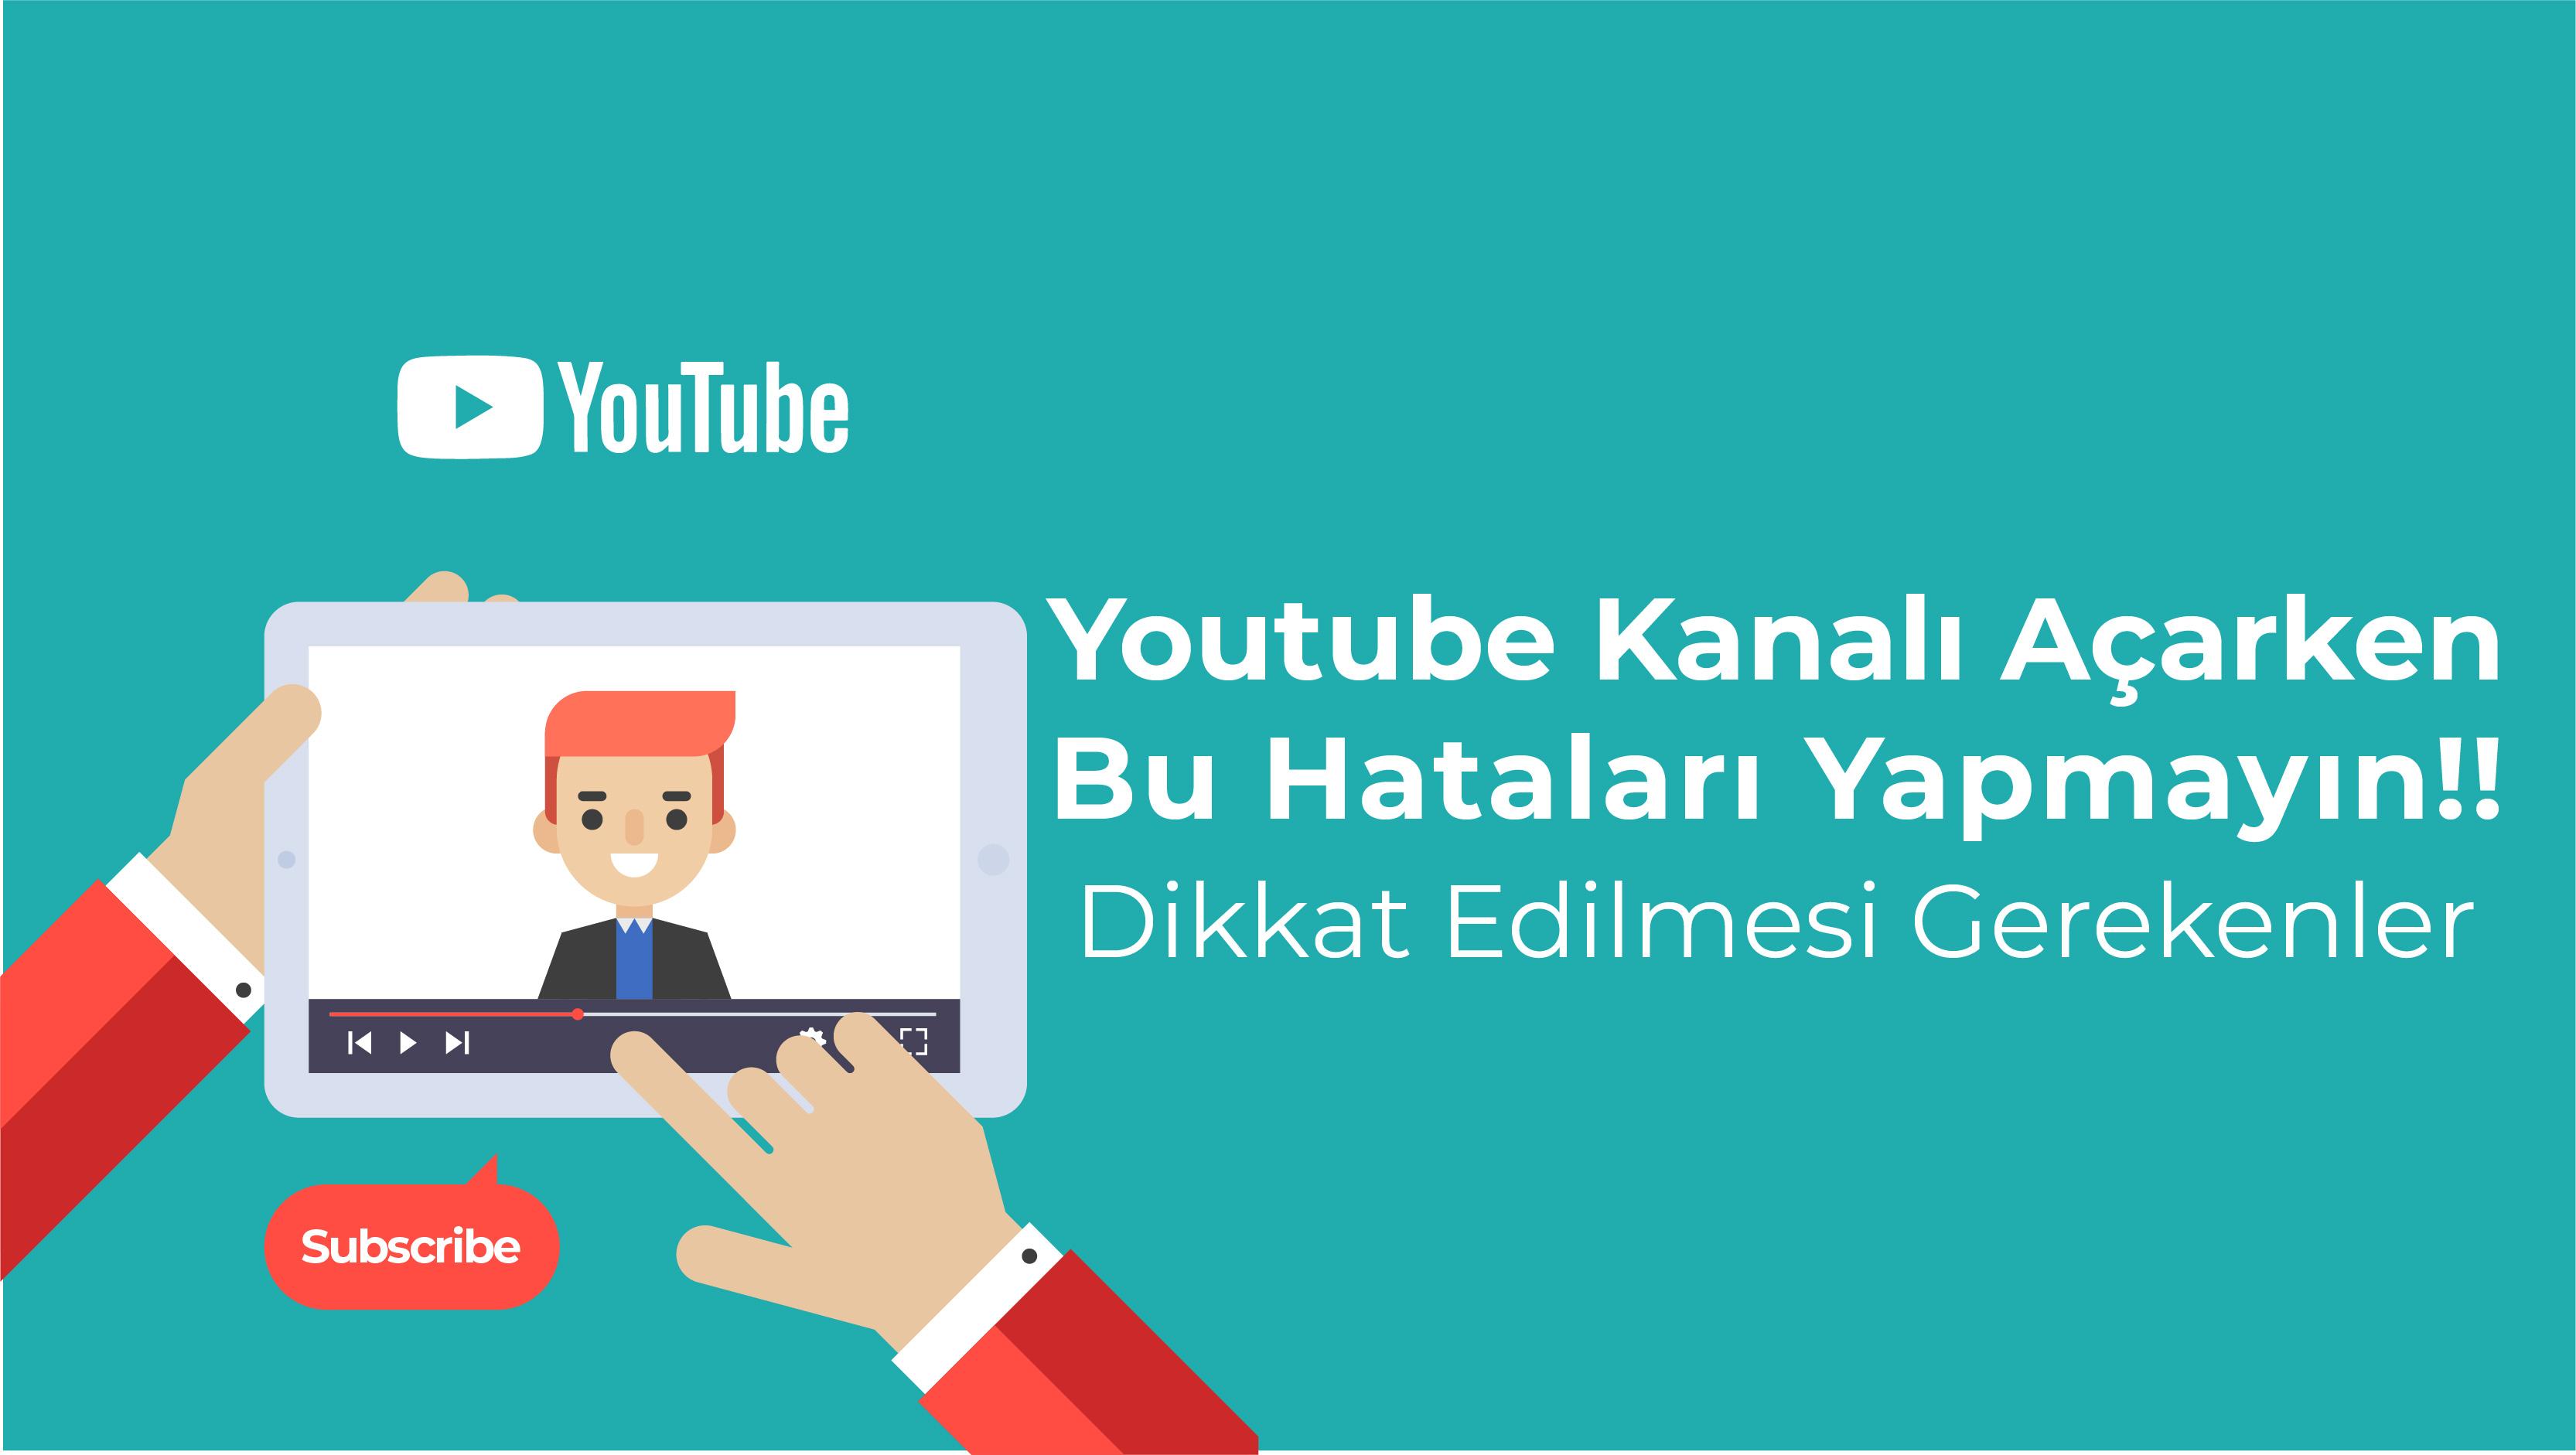 Youtube Kanalı Açarken Bu Hataları Yapmayın! Dikkat Edilmesi Gerekenler